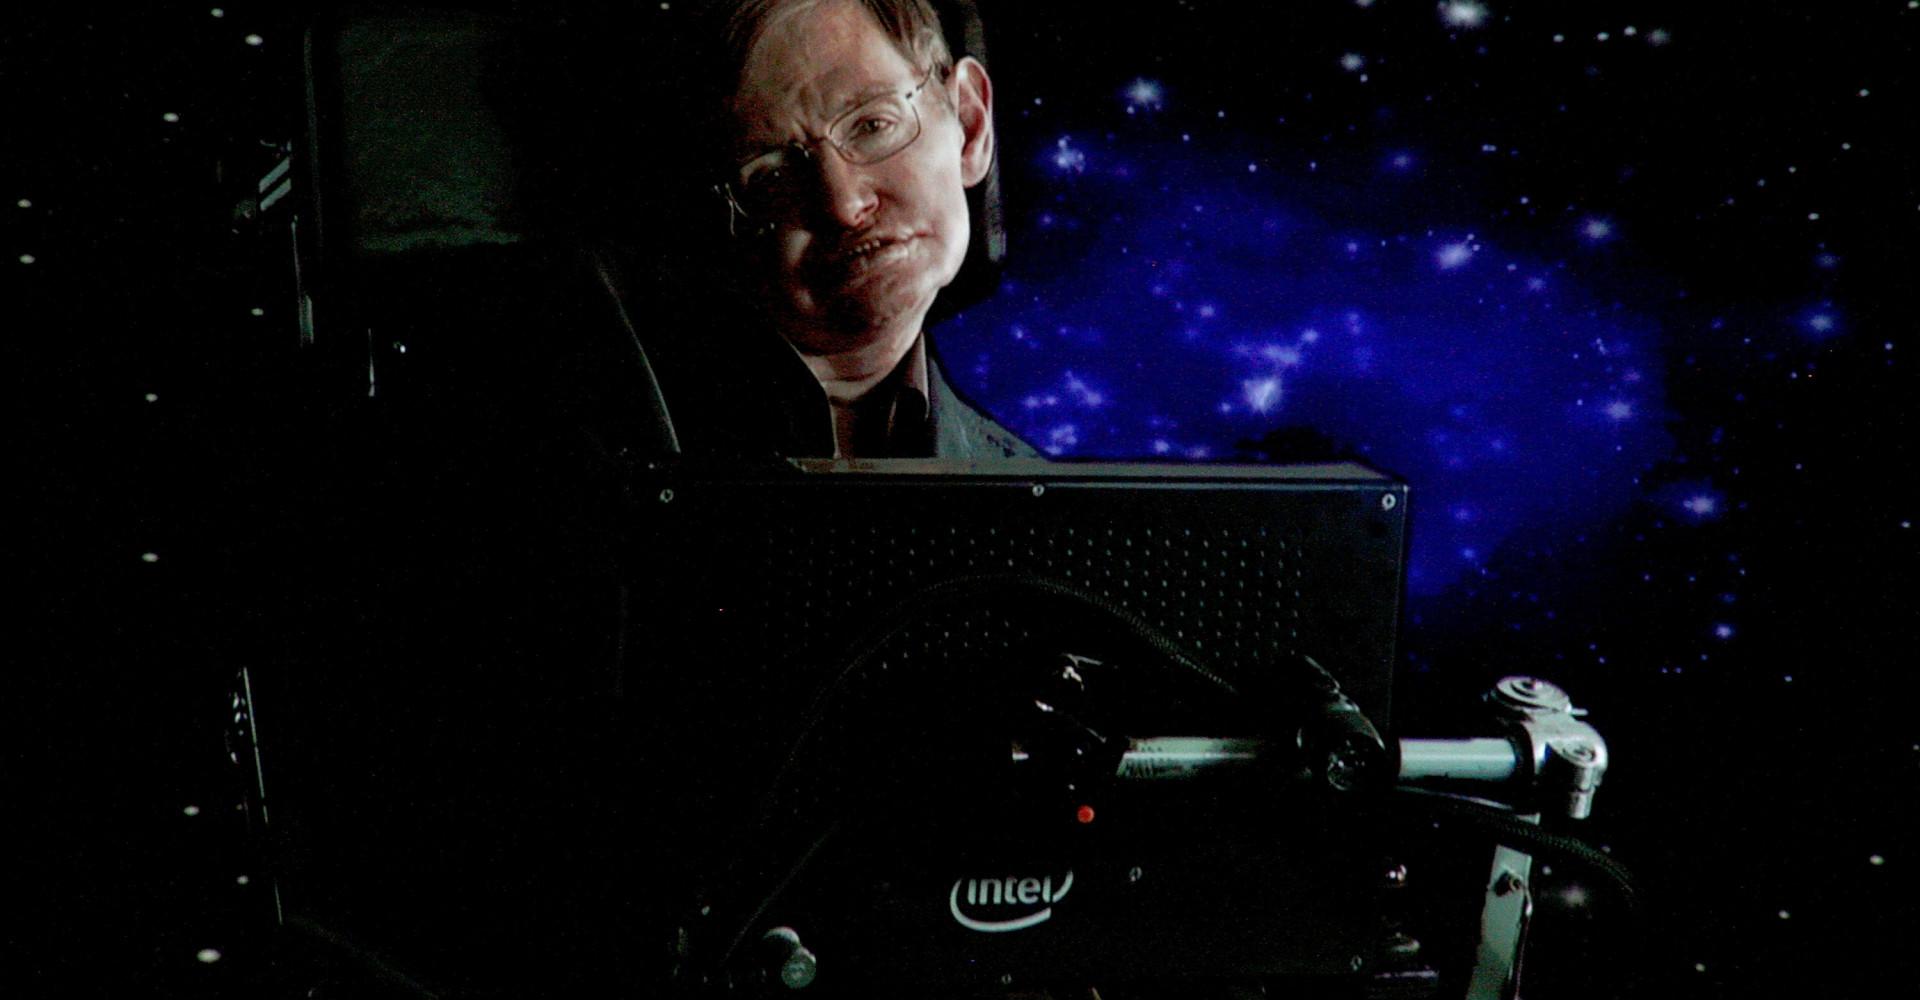 Les personnalités françaises rendent hommage au physicien Stephen Hawking